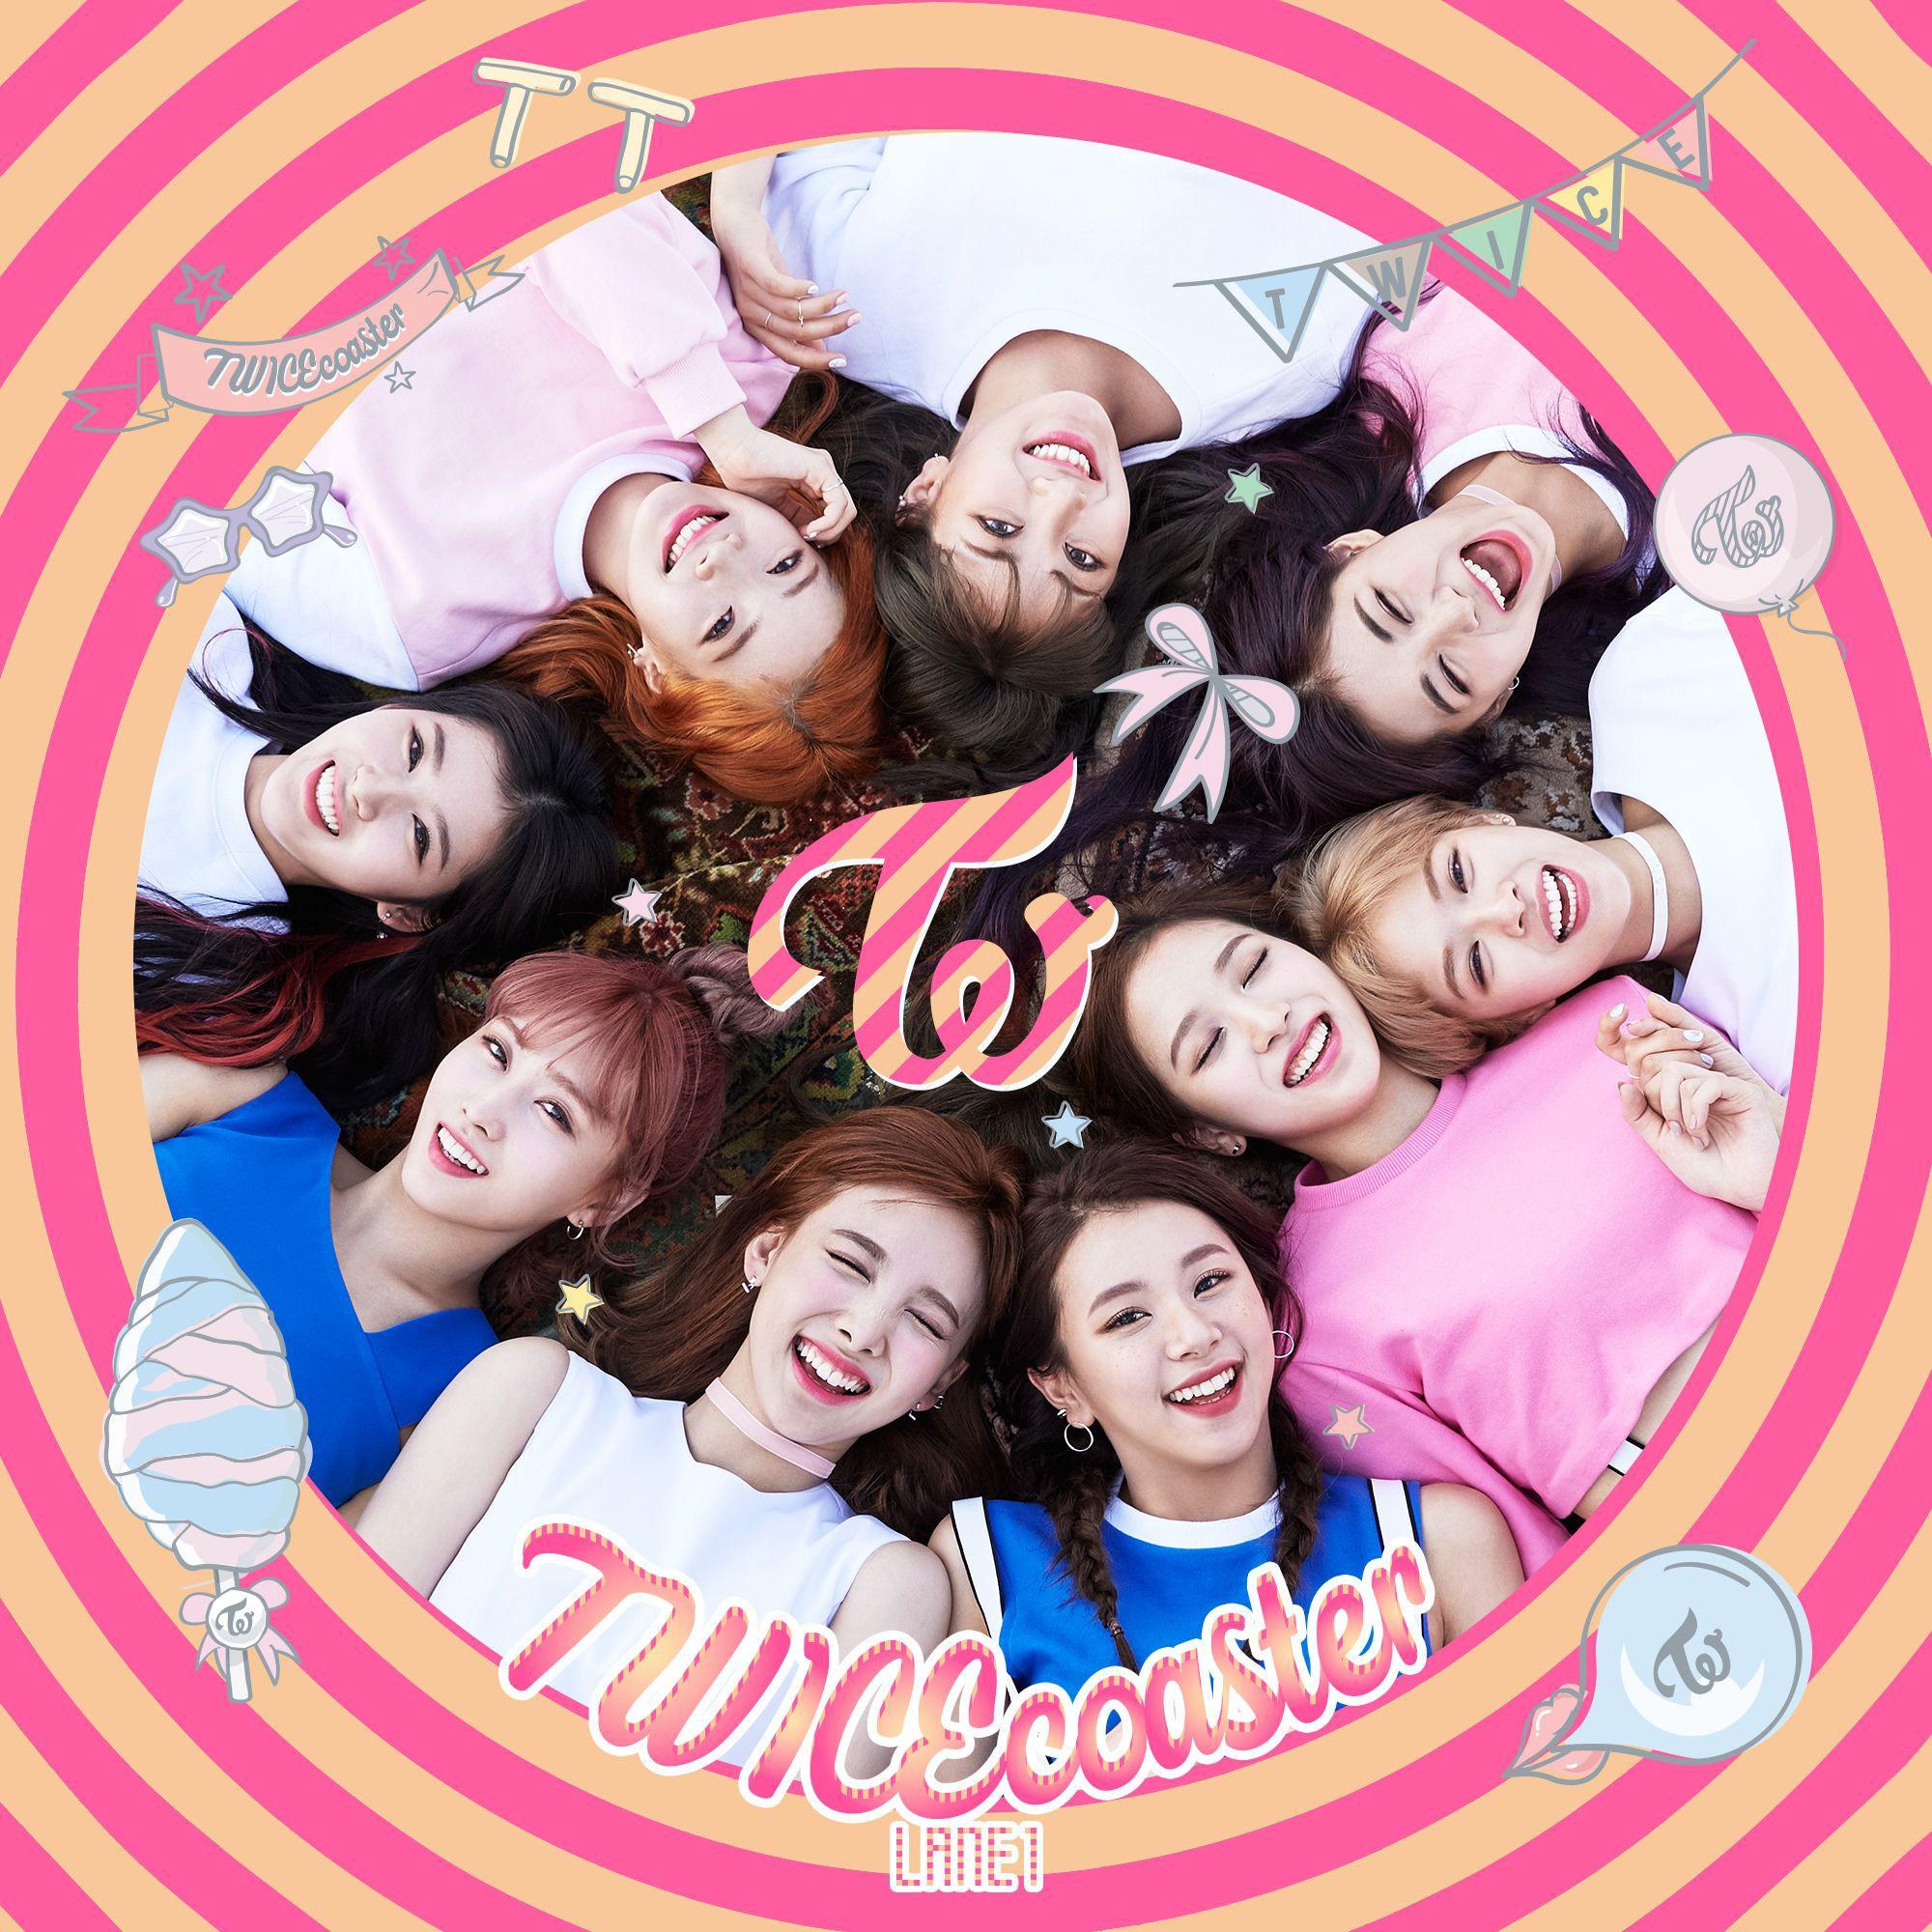 Top 10 album nhóm nữ tẩu tán nhiều nhất: không ai lọt top ngoài 2 girlgroup quốc dân này - Ảnh 3.